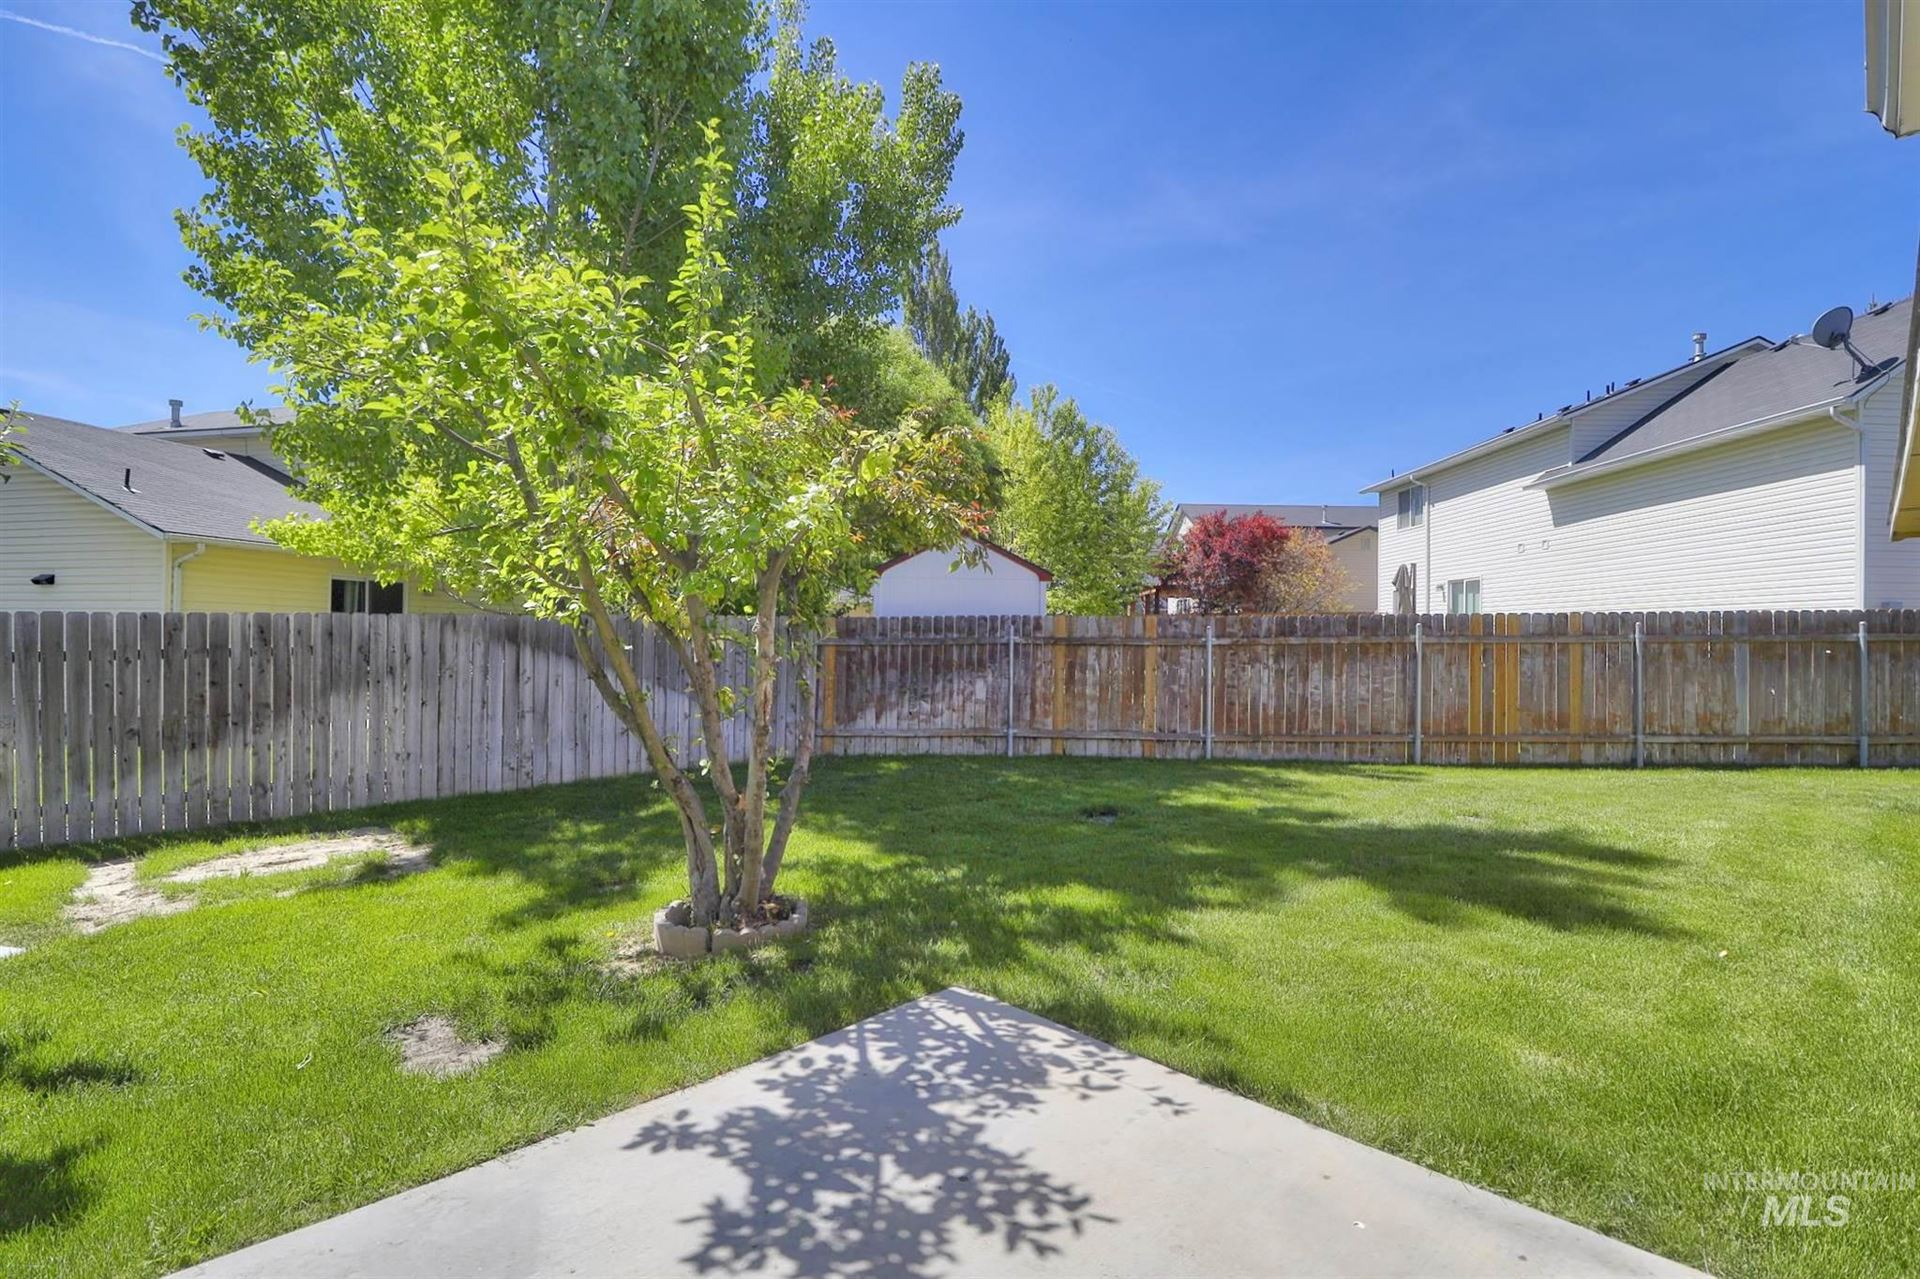 Photo of 16796 Naito Ave, Caldwell, ID 83605 (MLS # 98799152)